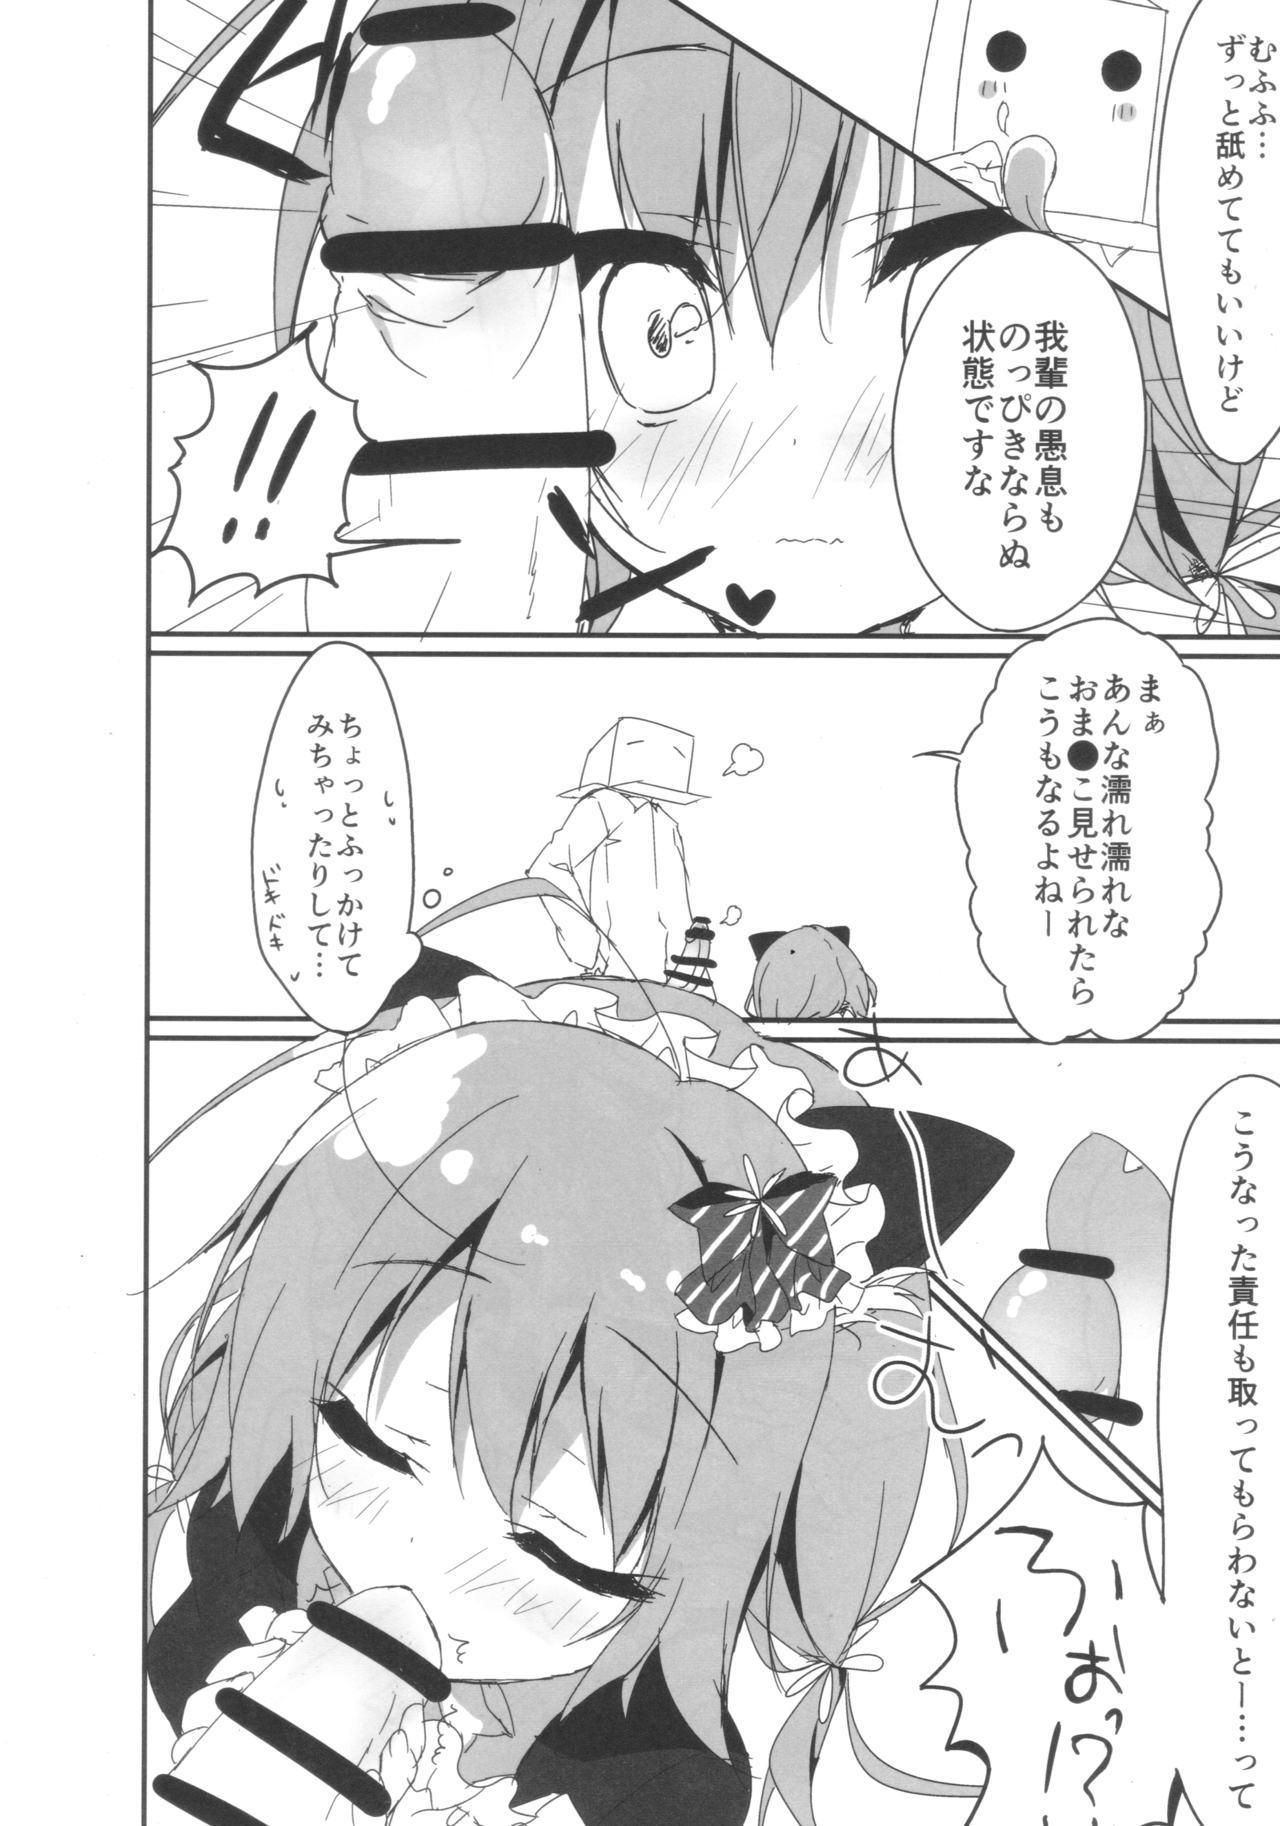 (COMIC1☆11) [Citron no mori (Yuzuna Hiyo)] Danbooru (Ani) wa Imouto Maid ni Koi o Suru! 10